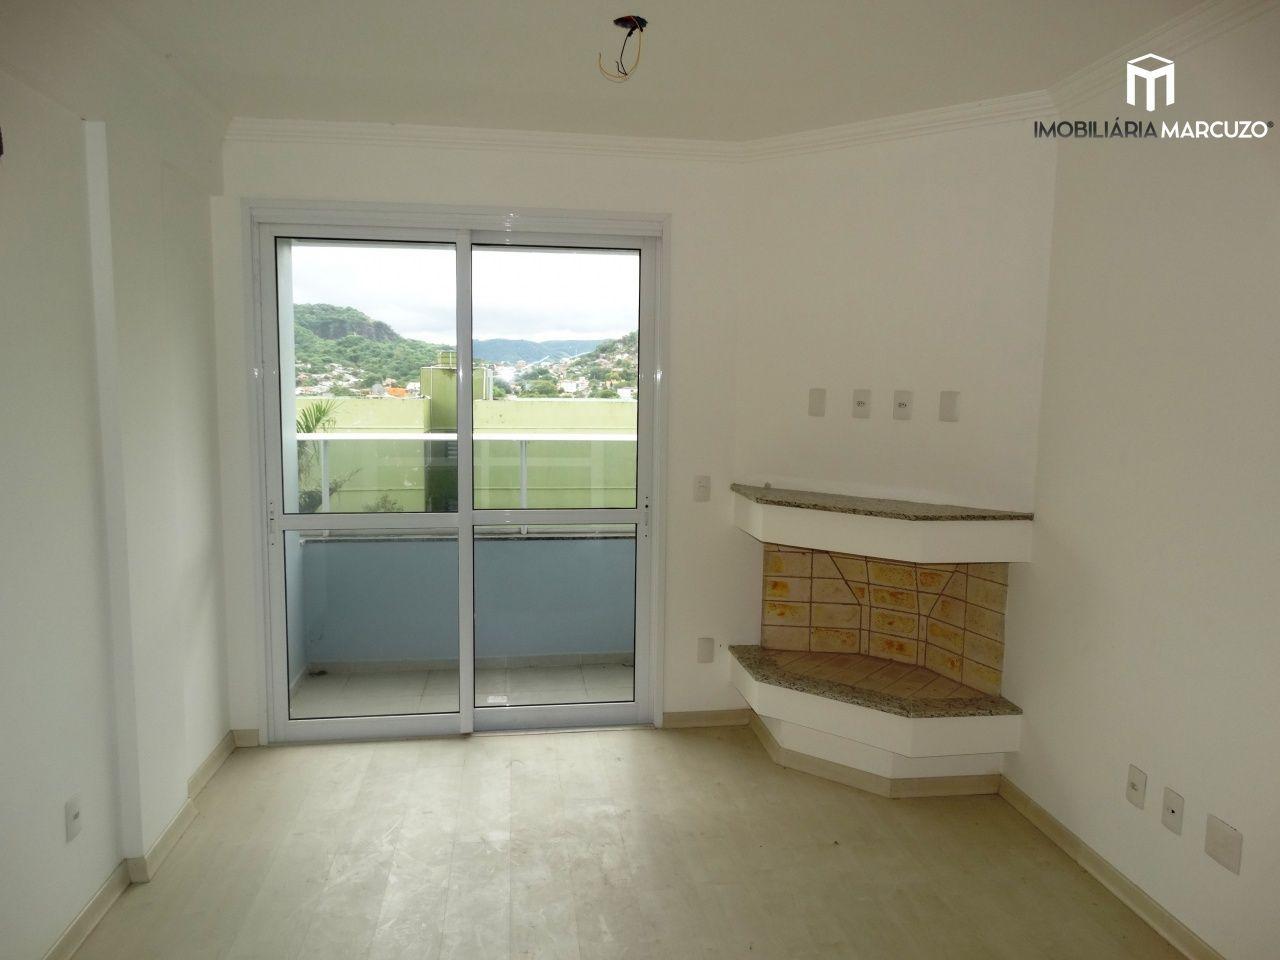 Apartamento com 3 Dormitórios à venda, 98 m² por R$ 495.000,00